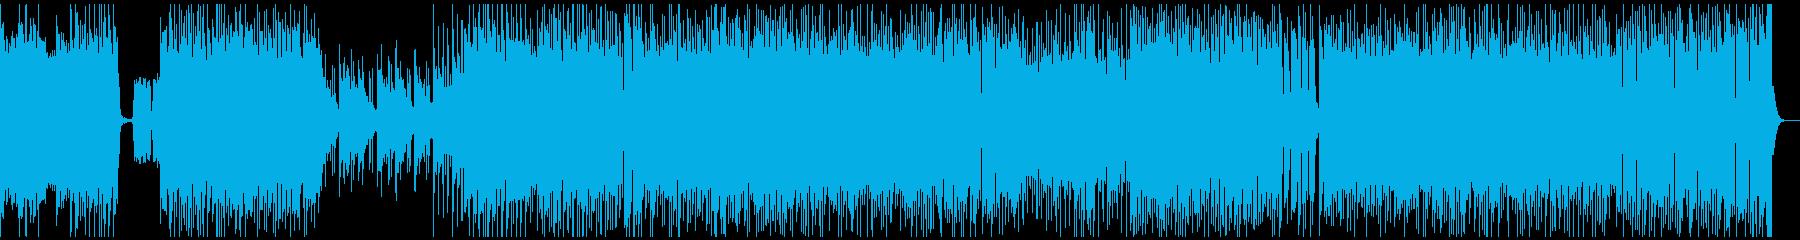 ピアノが印象的な卒業ロックソングの再生済みの波形